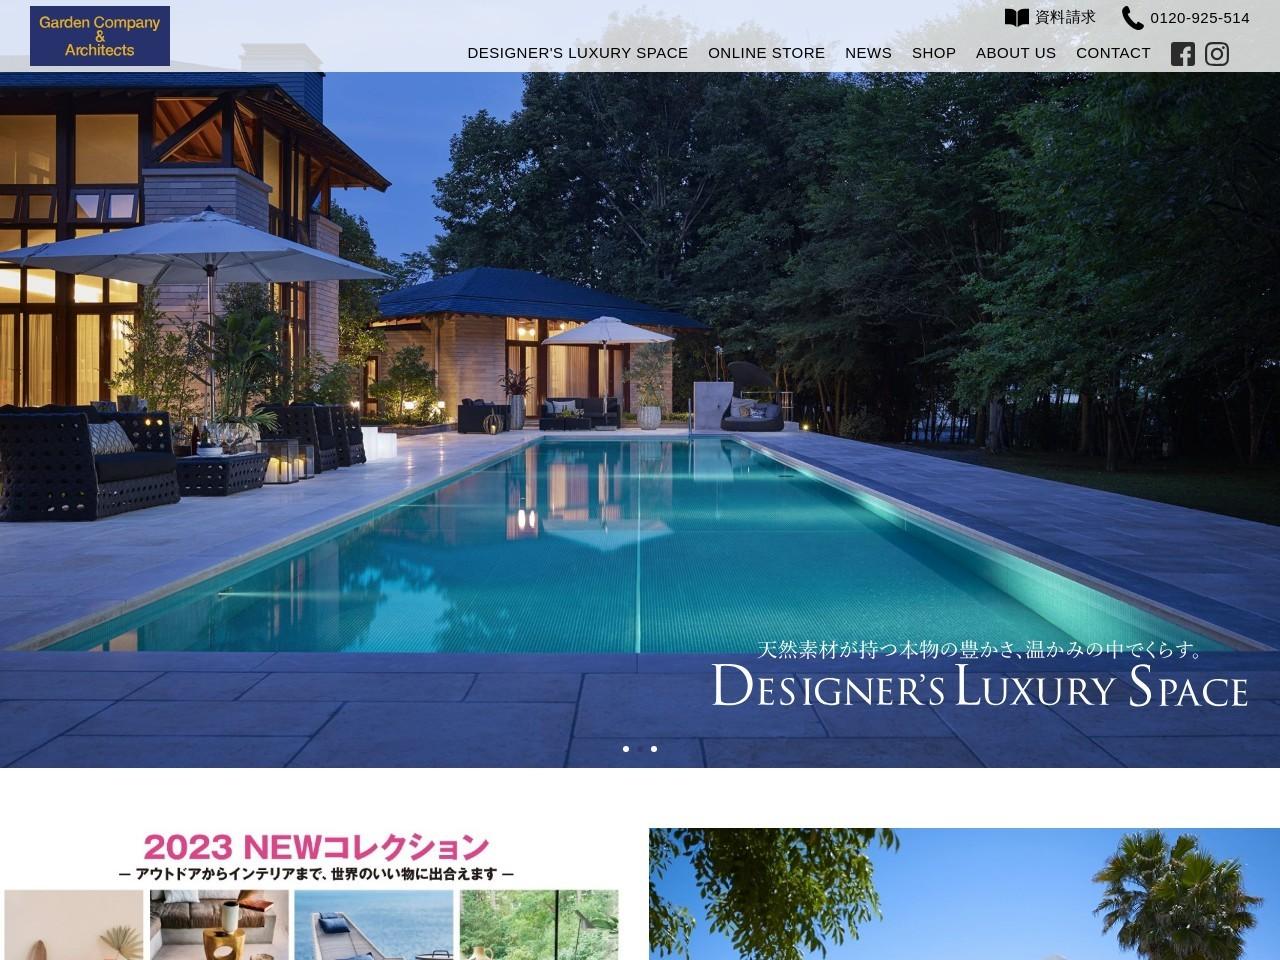 ガーデンカンパニー太田店